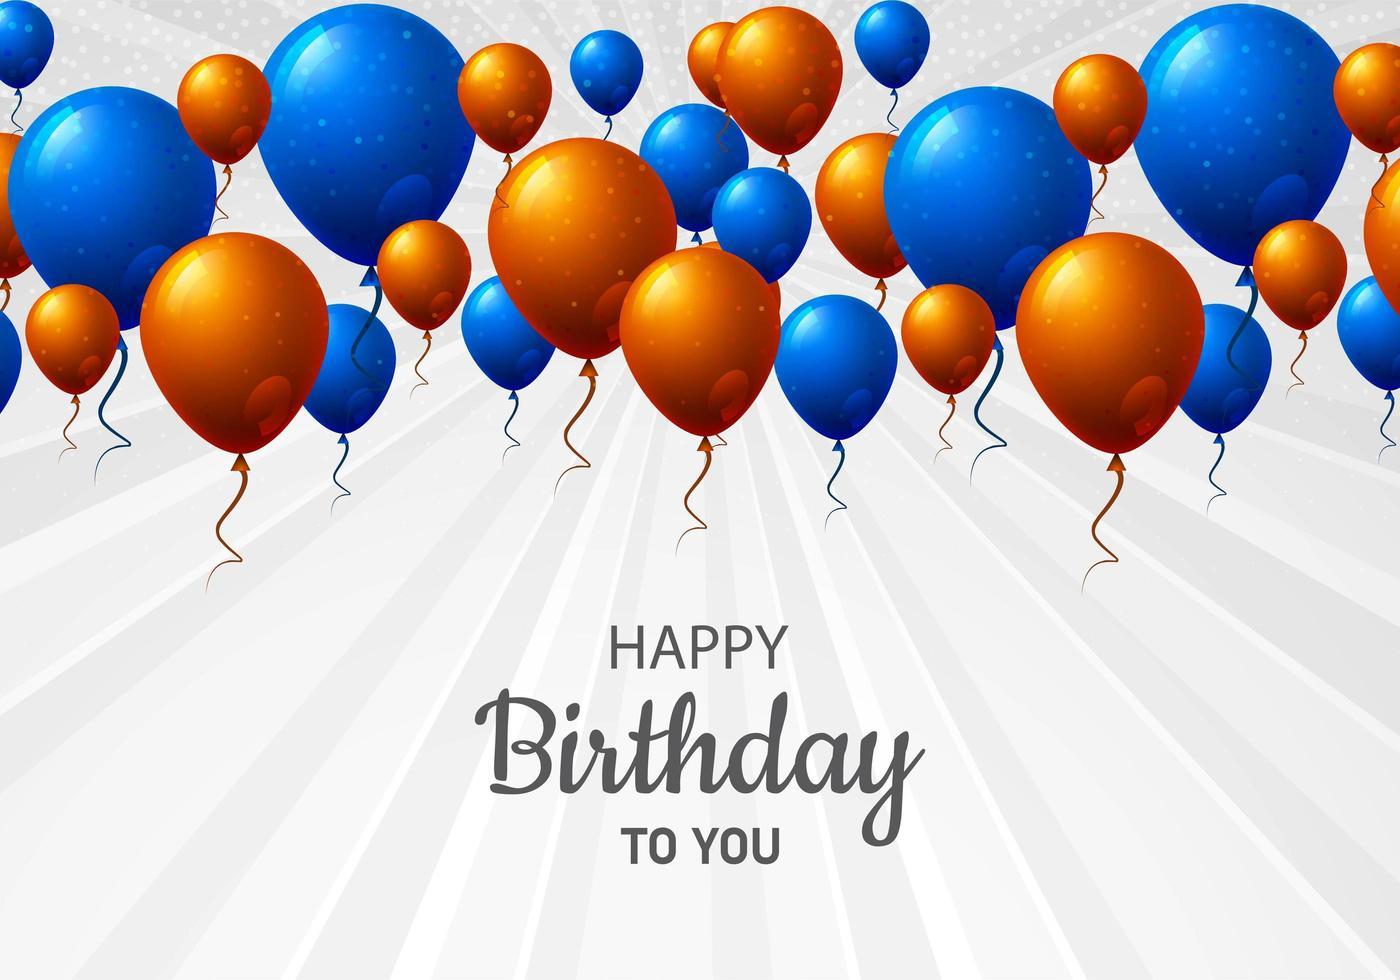 oranje en blauwe verjaardag ballon viering achtergrond vector